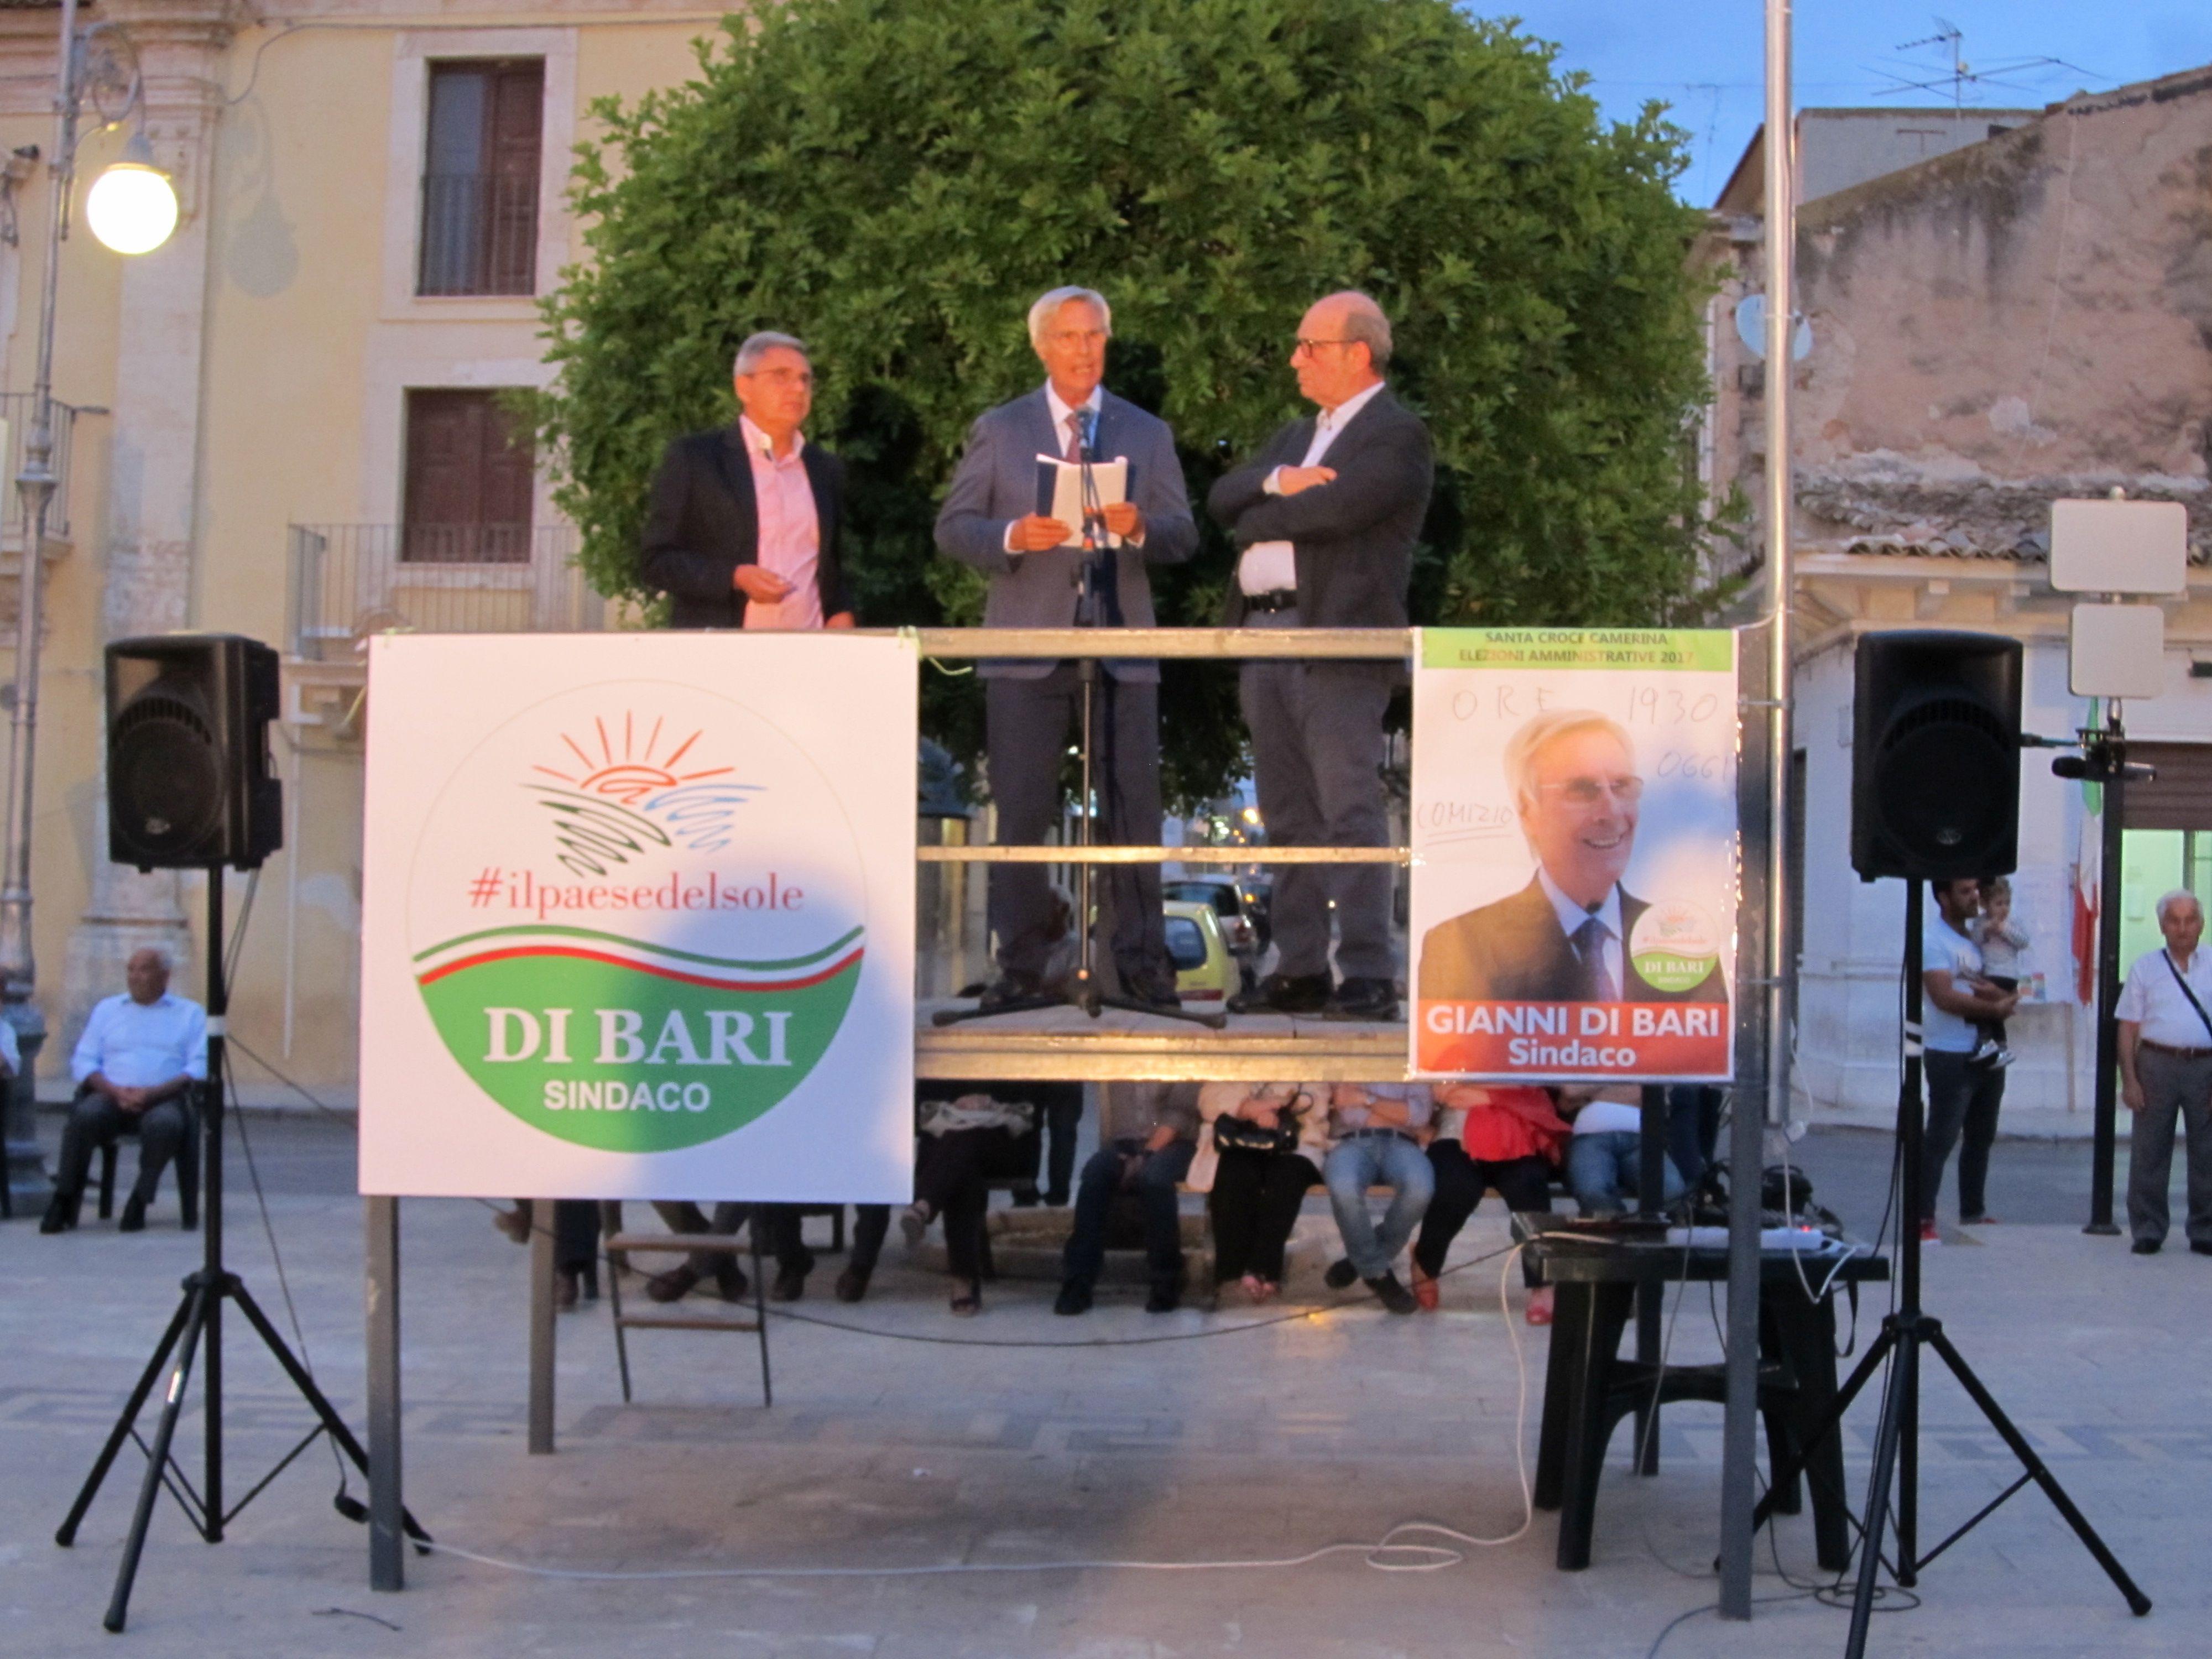 Santa Croce al voto: la lettera aperta di Gianni Di Bari per #Ilpaesedelsole